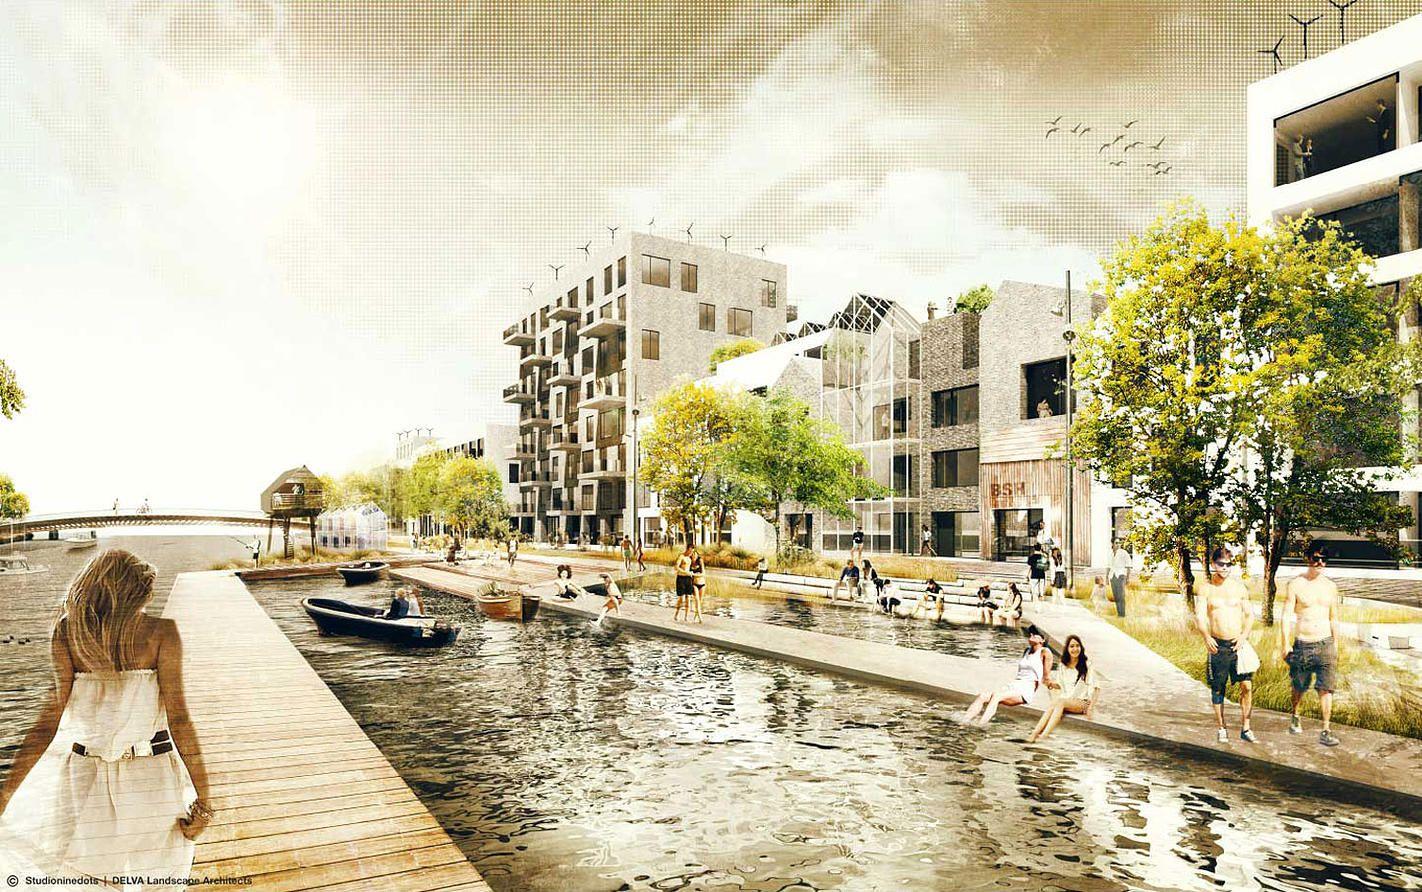 http://www.cityplot-buiksloterham.nl/